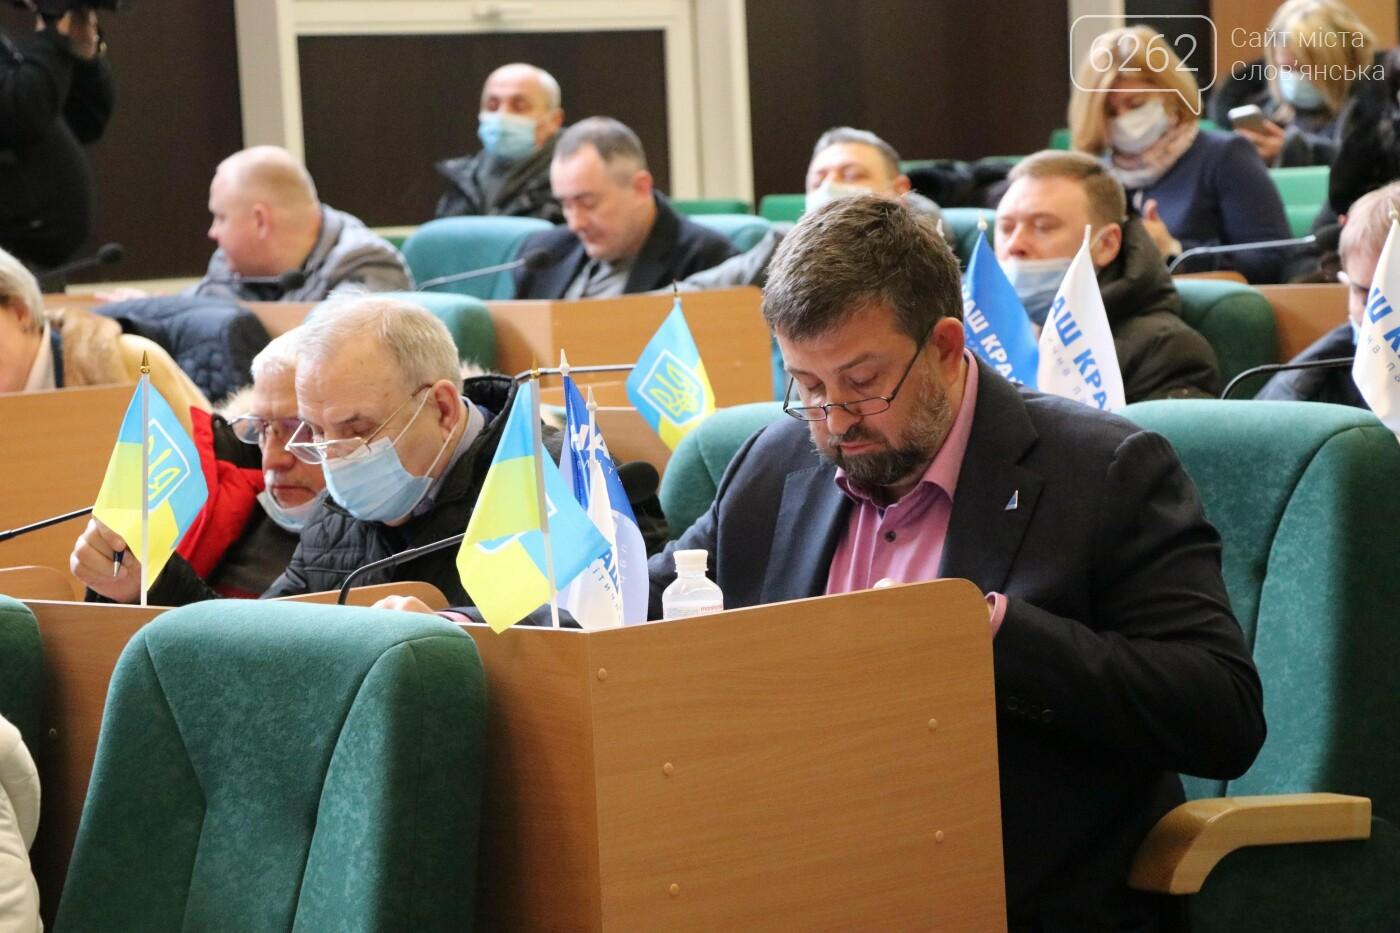 Чергова сесія Слов'янської міської ради у фотографіях , фото-4